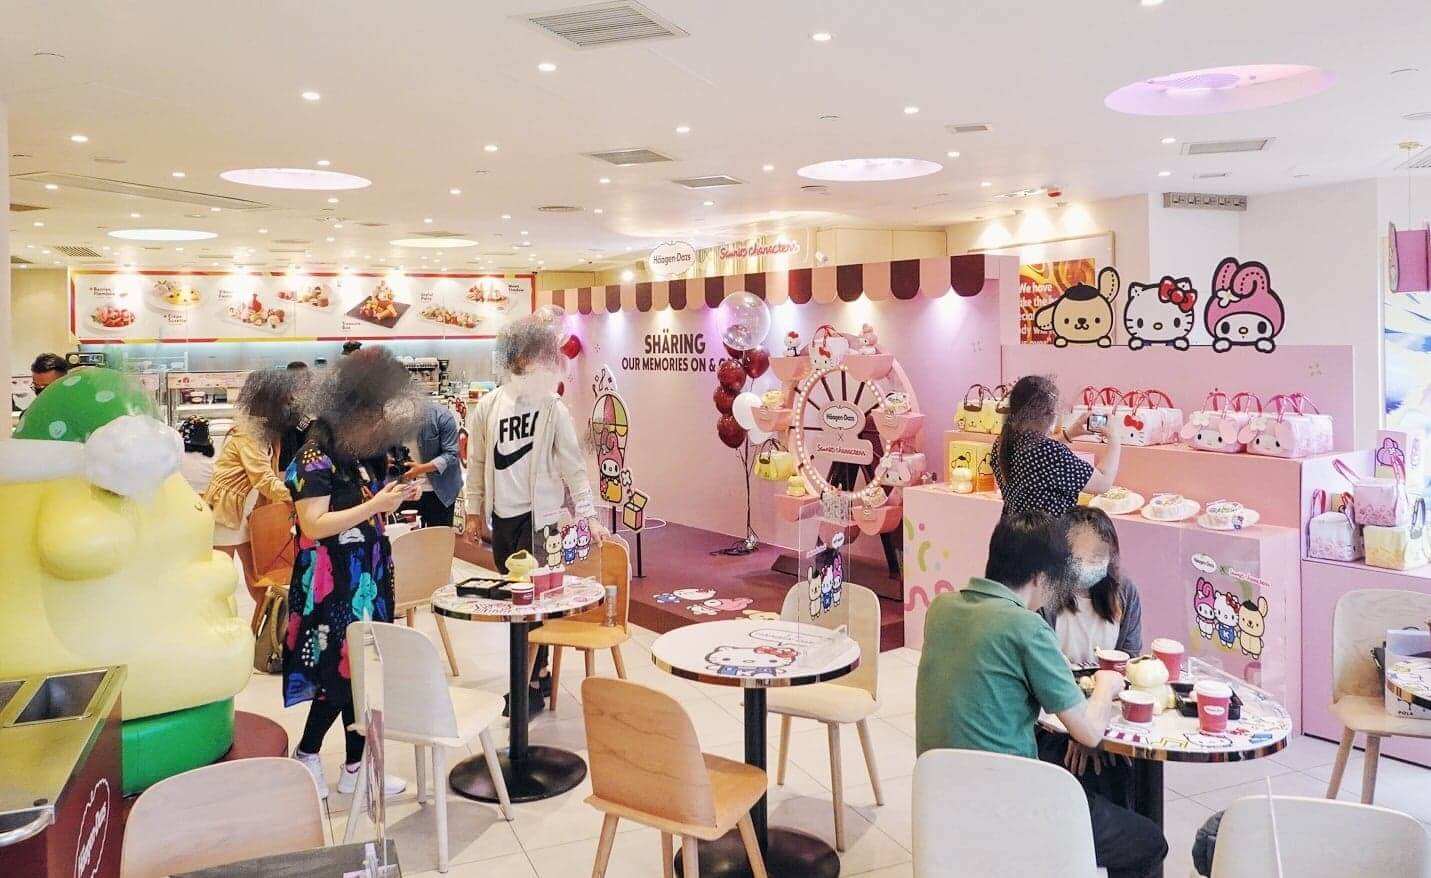 店子以粉紅色為主調裝修,洋溢甜蜜氣息。